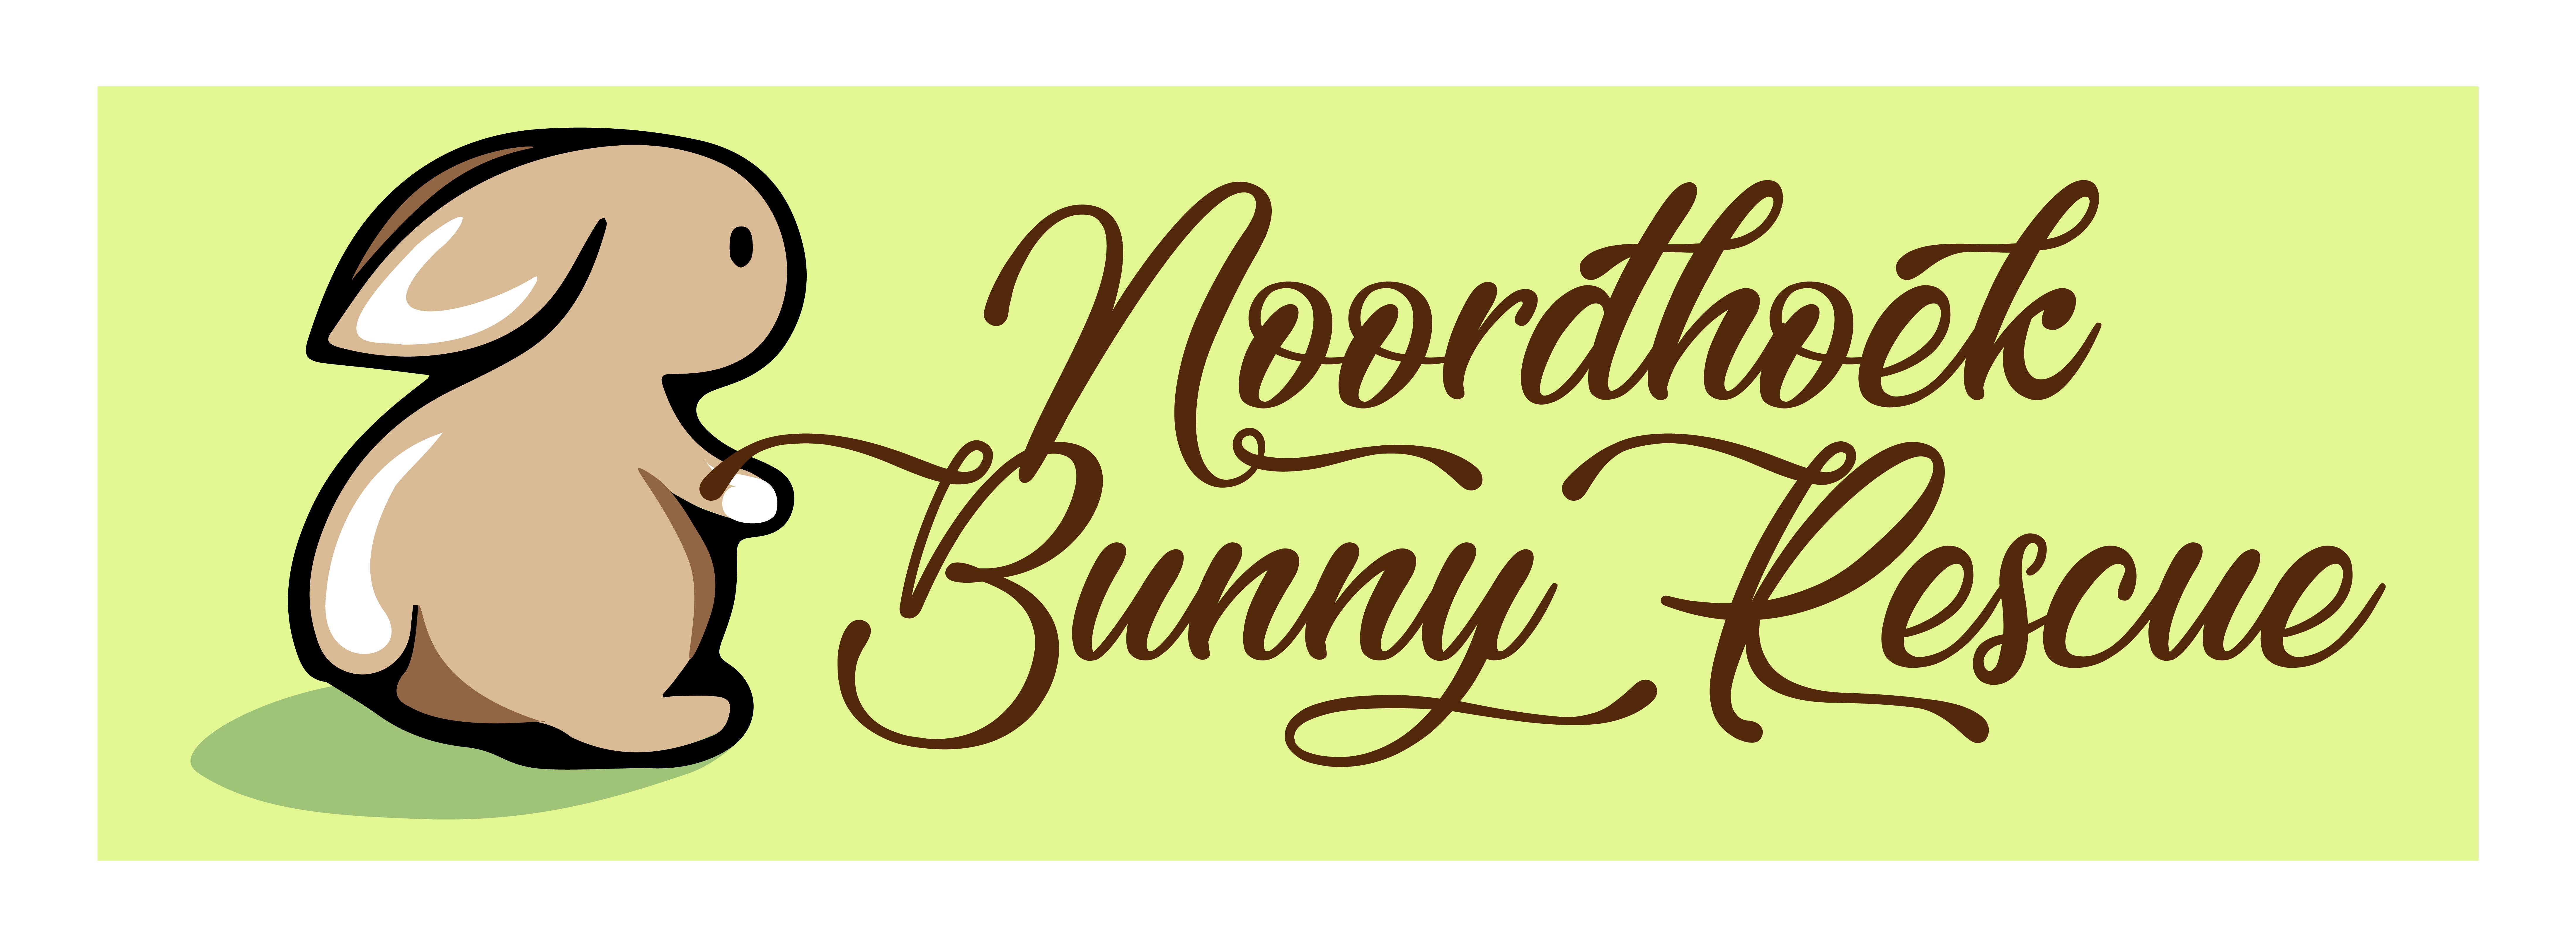 Noordhoek Bunny Rescue